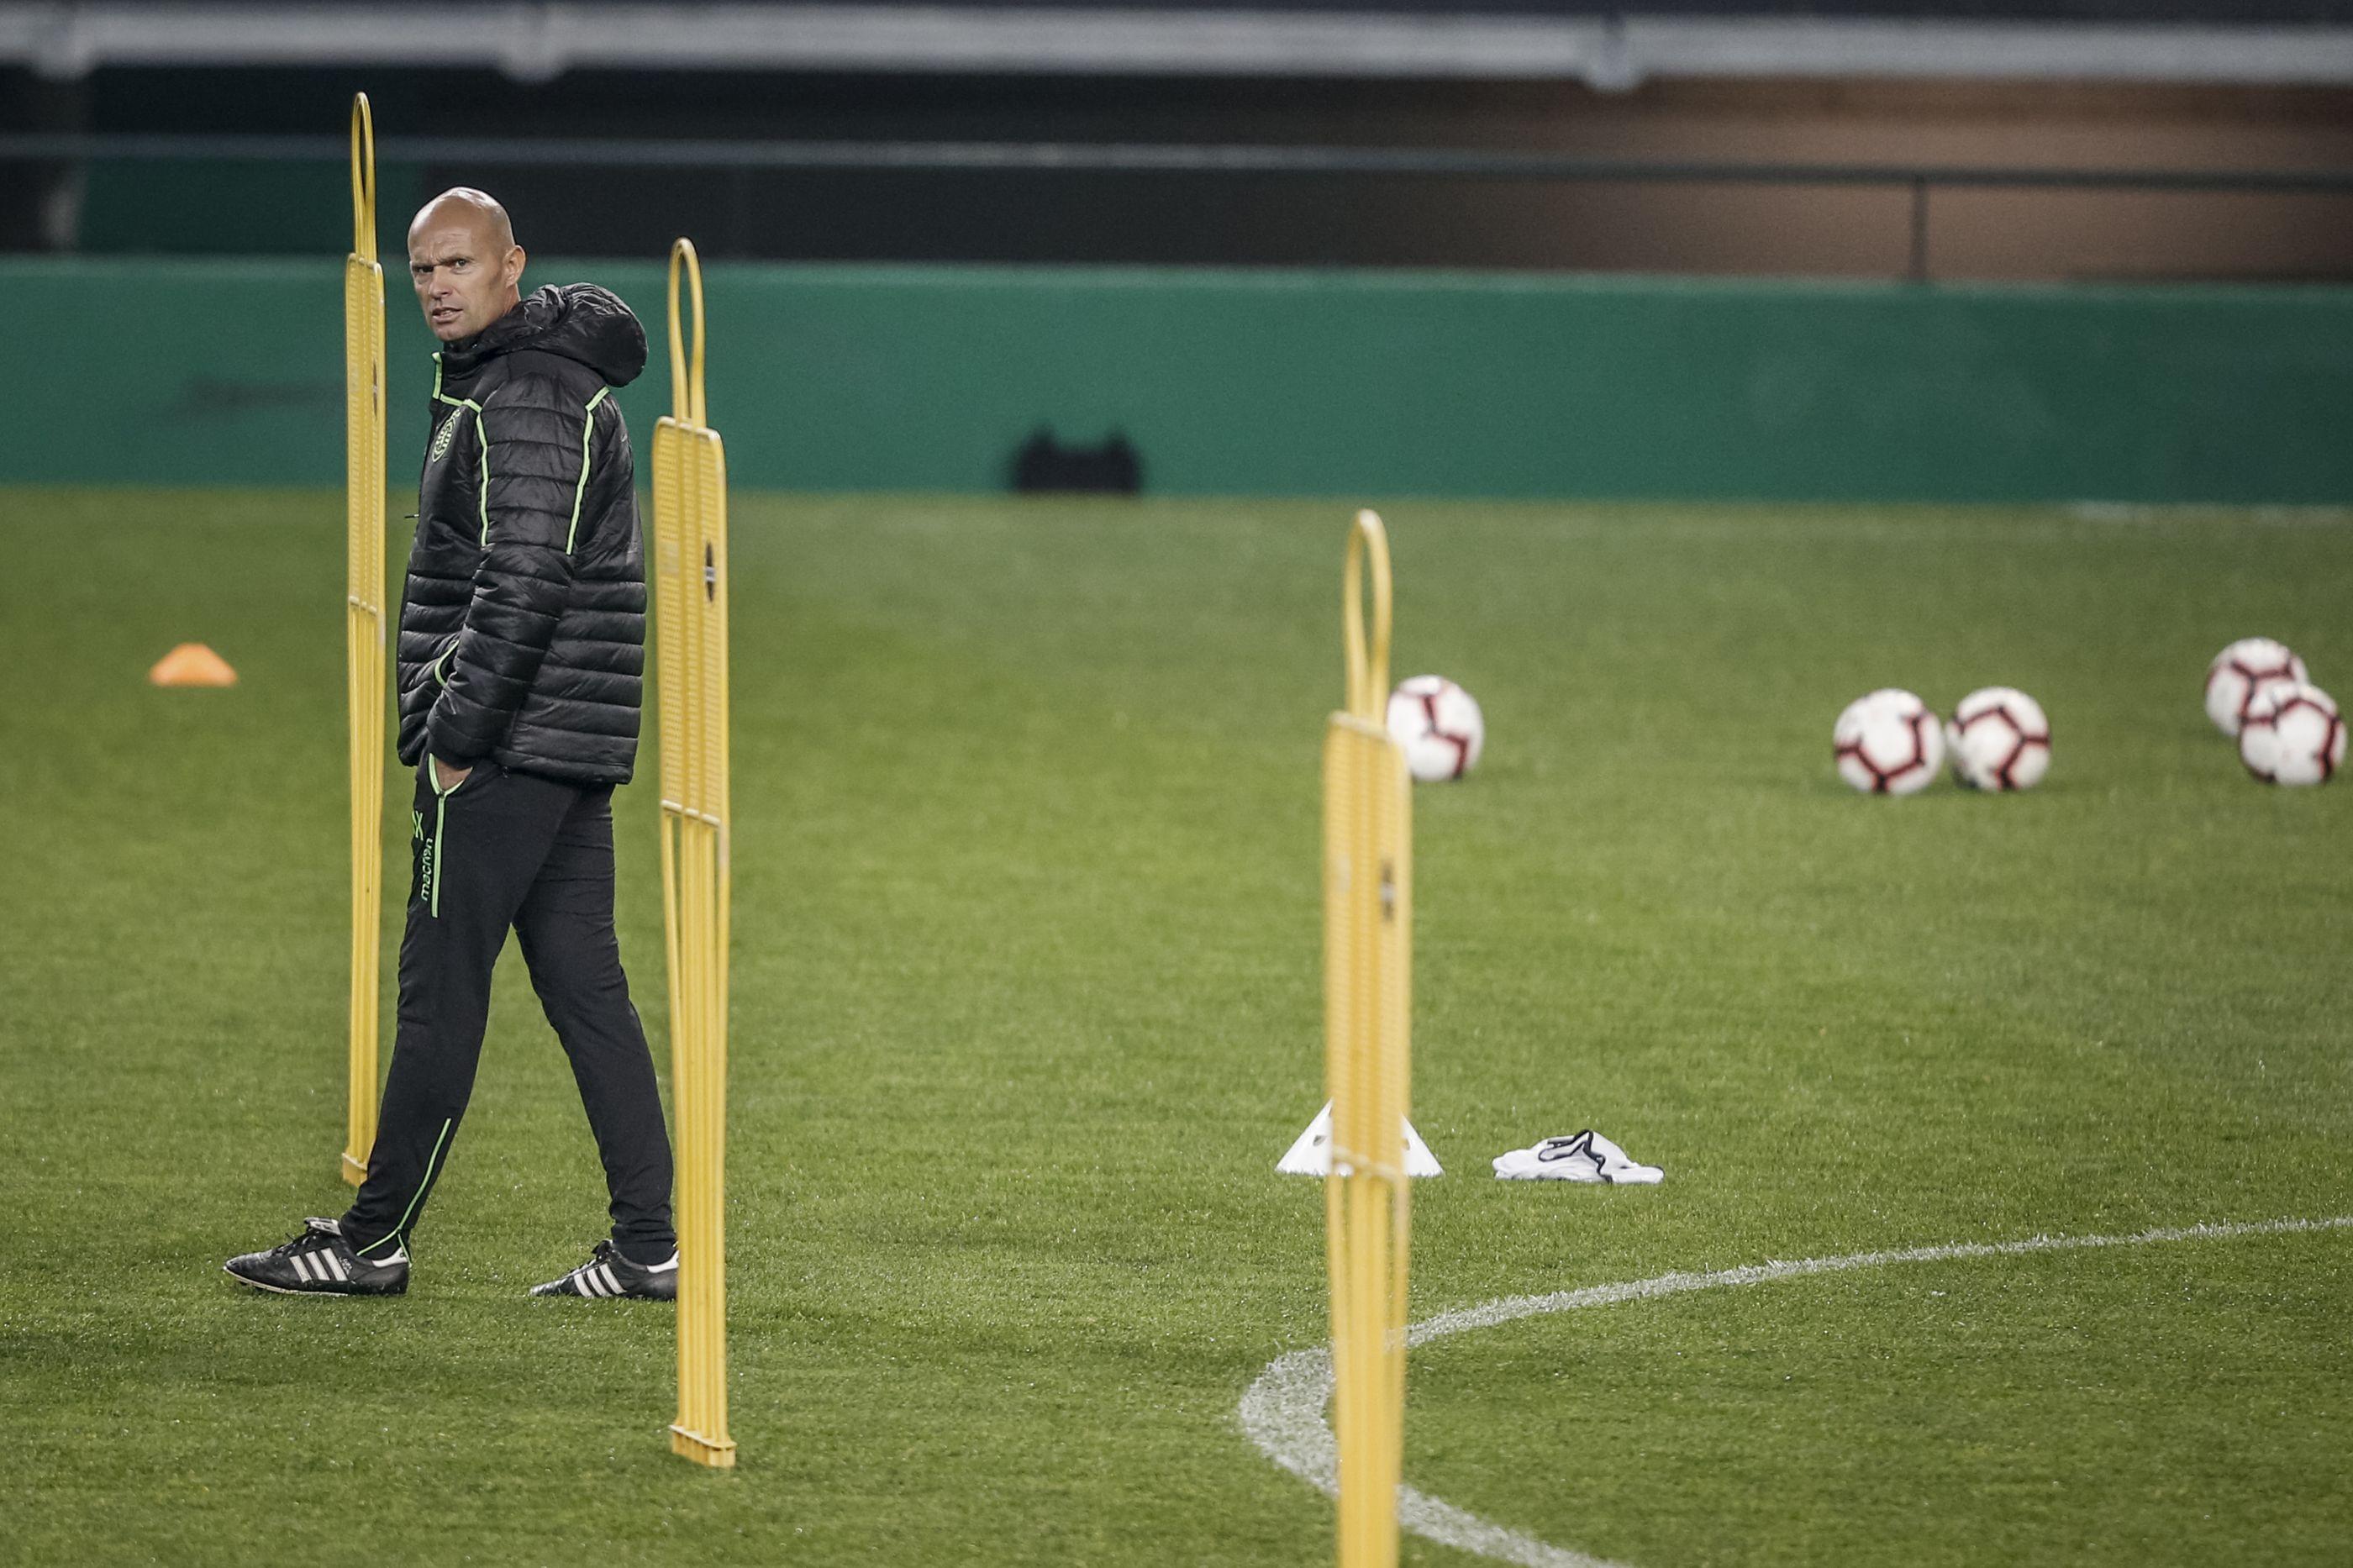 Bruno Gaspar de regresso aos treinos do Sporting